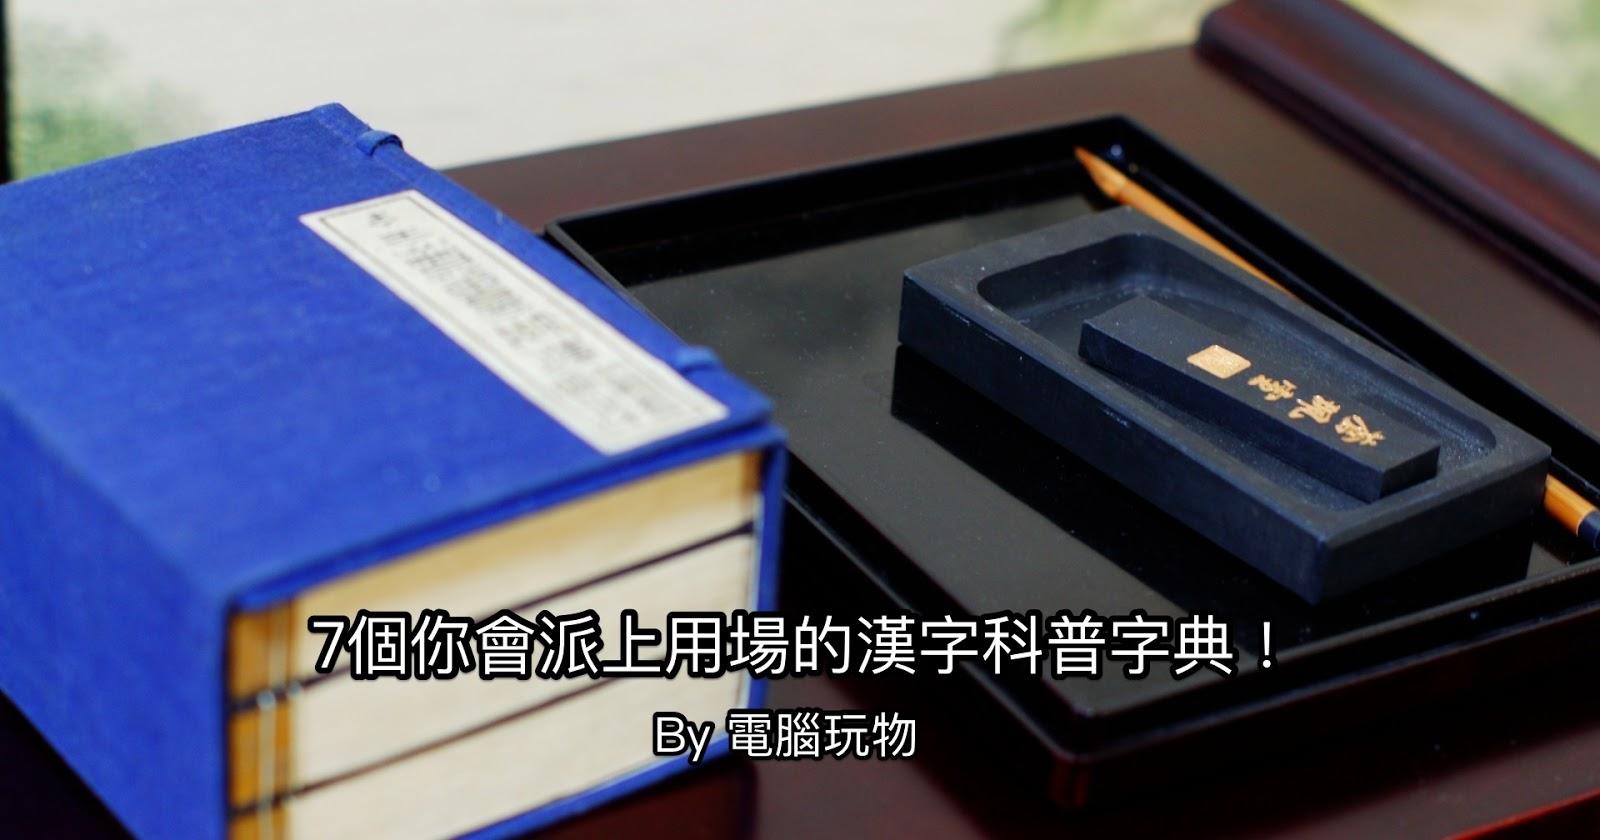 7個漢字科普字典網站推薦,漢語科學解讀你也會派上用場!